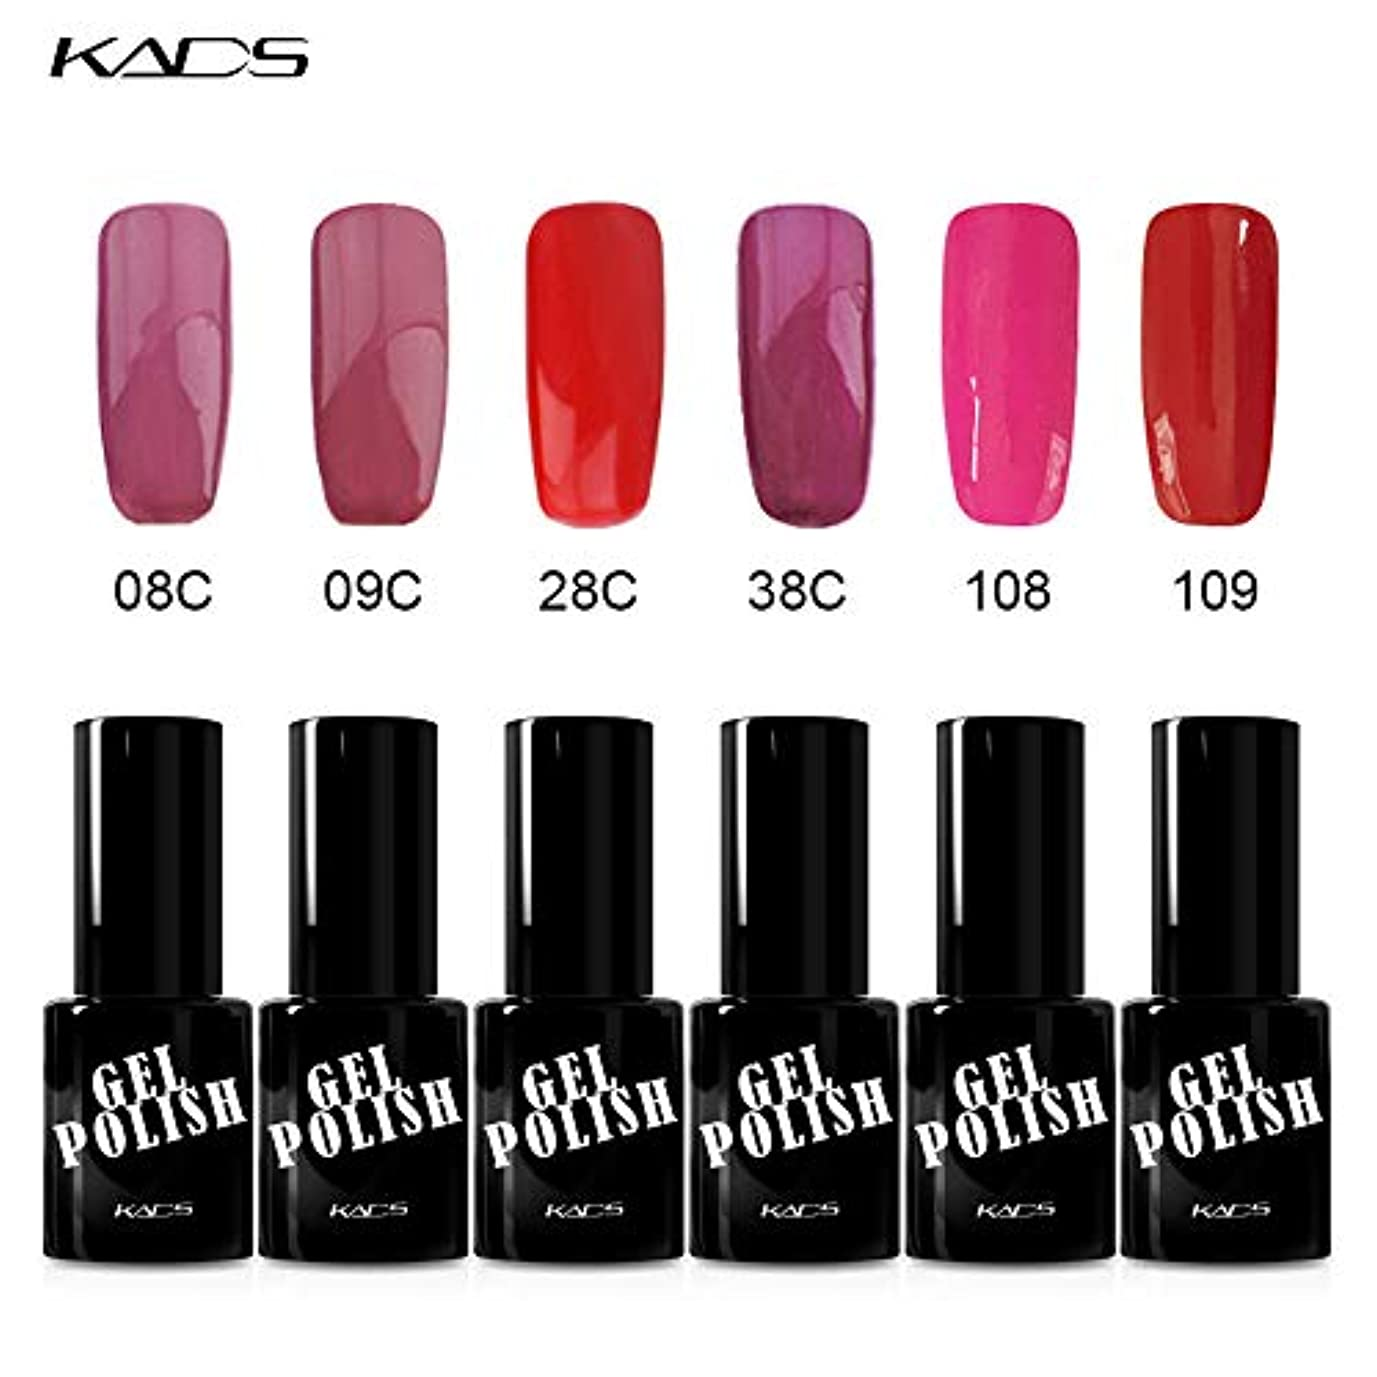 カリング嵐のシニスKADS ジェルネイルカラーポリッシュ 6色入り UV/LED対応 ピンク/アカ系 マニキュアセット (セット2)